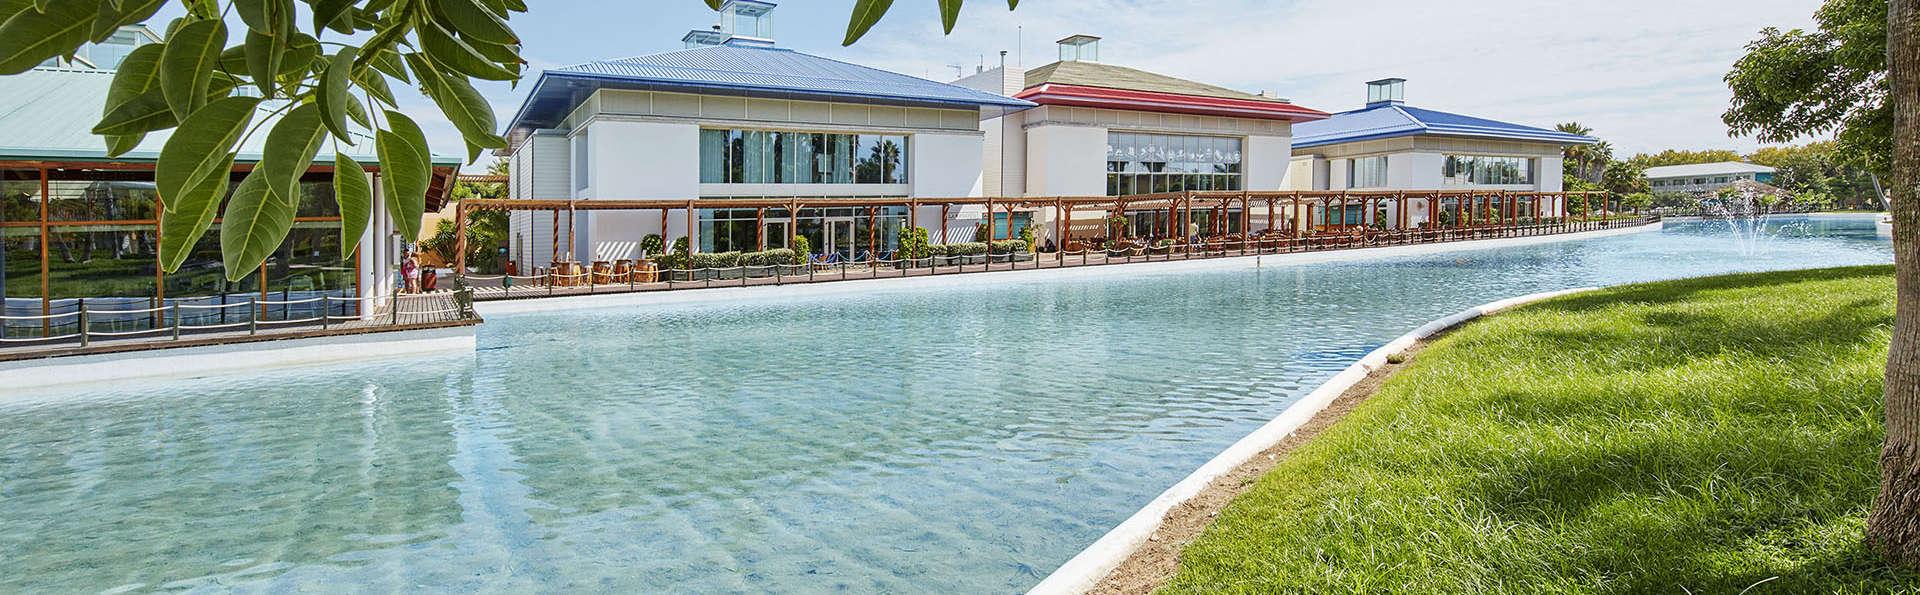 PortAventura Hotel Caribe - EDIT_PISCINA_Y_FRONT.jpg